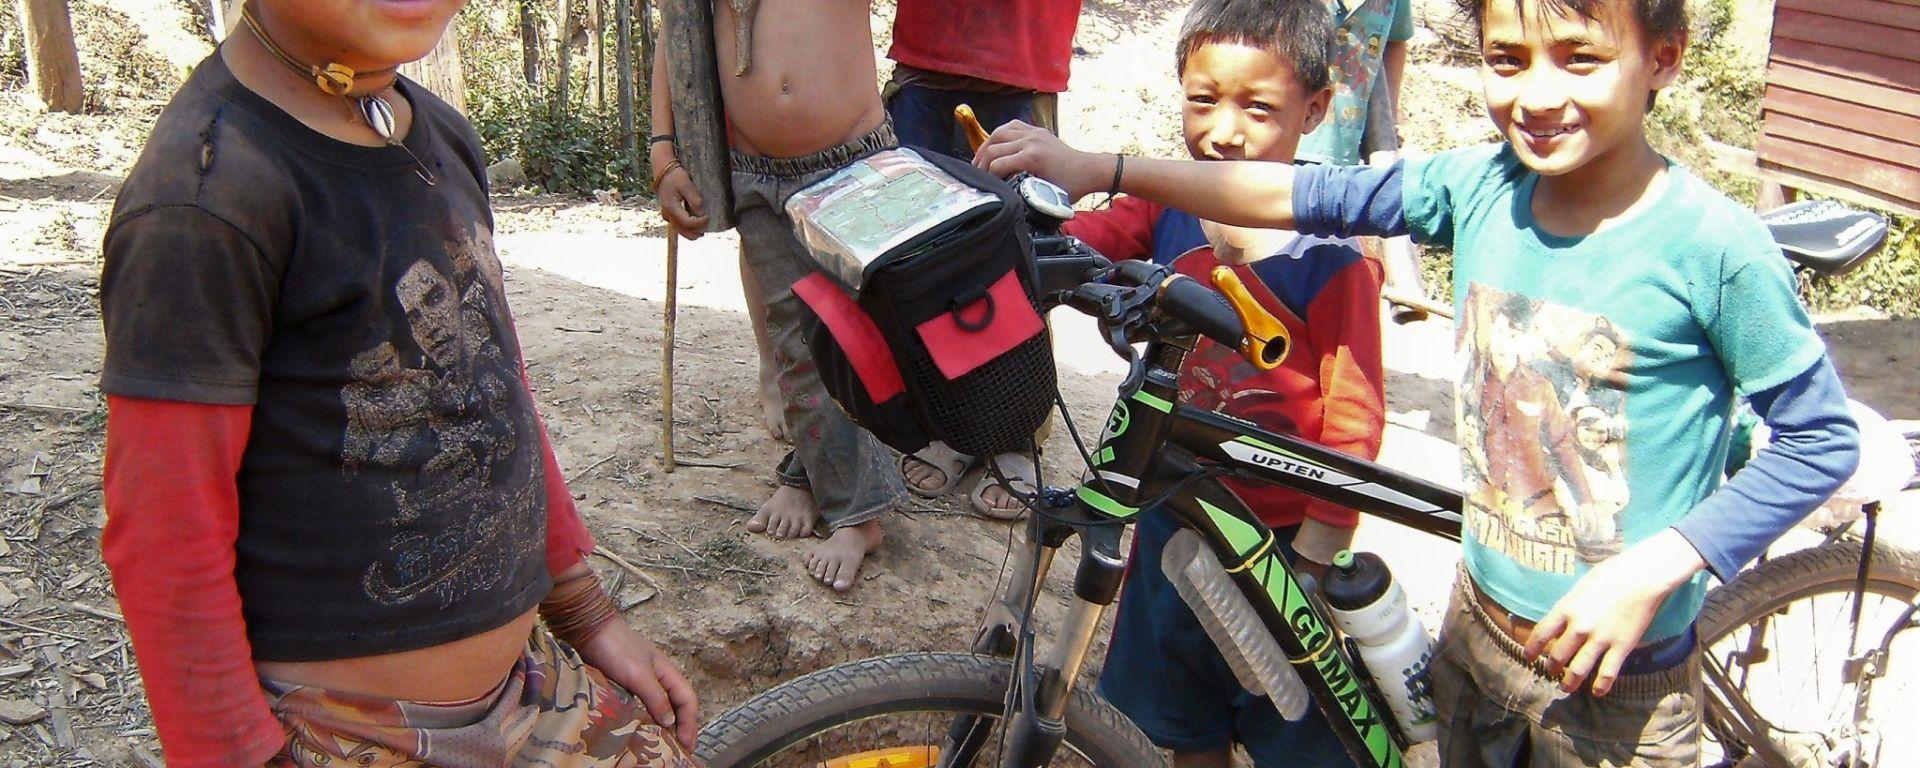 Niños akha con bicicleta, Laos